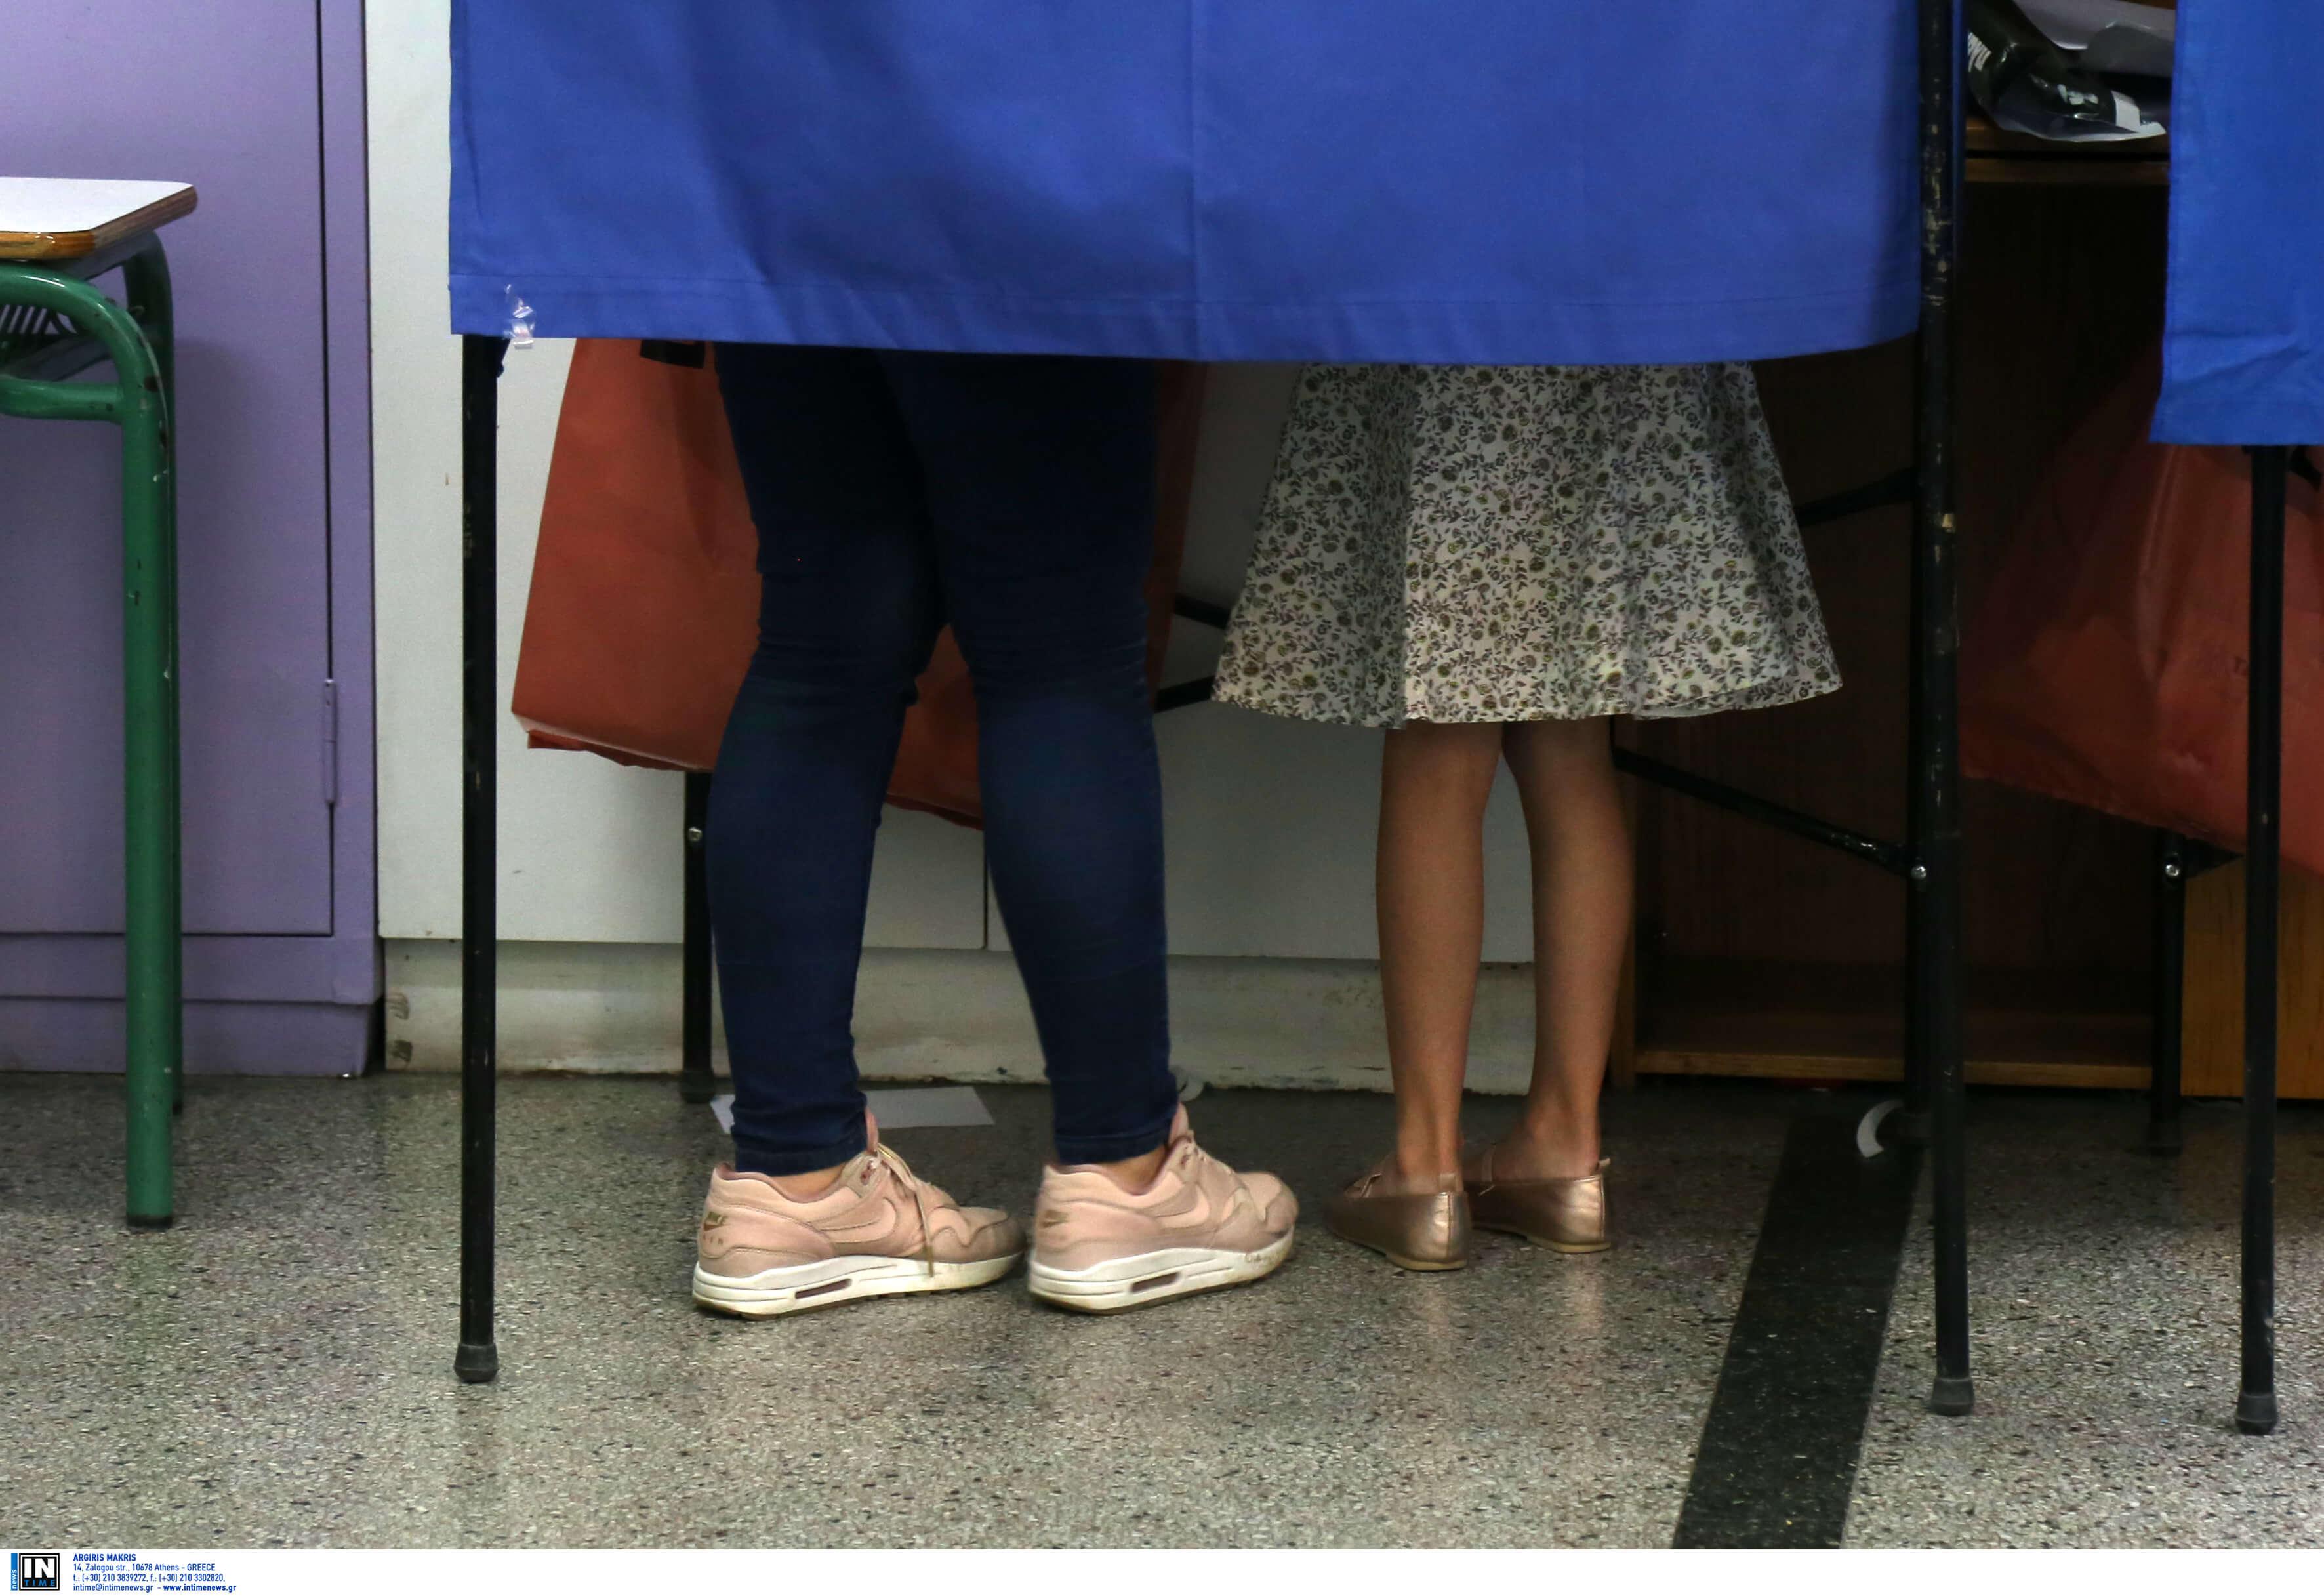 Εκλογές 2019: Χαμός στο Ηράκλειο – Πλακώθηκαν για την ψήφο του παππού και έφτασε η αστυνομία!